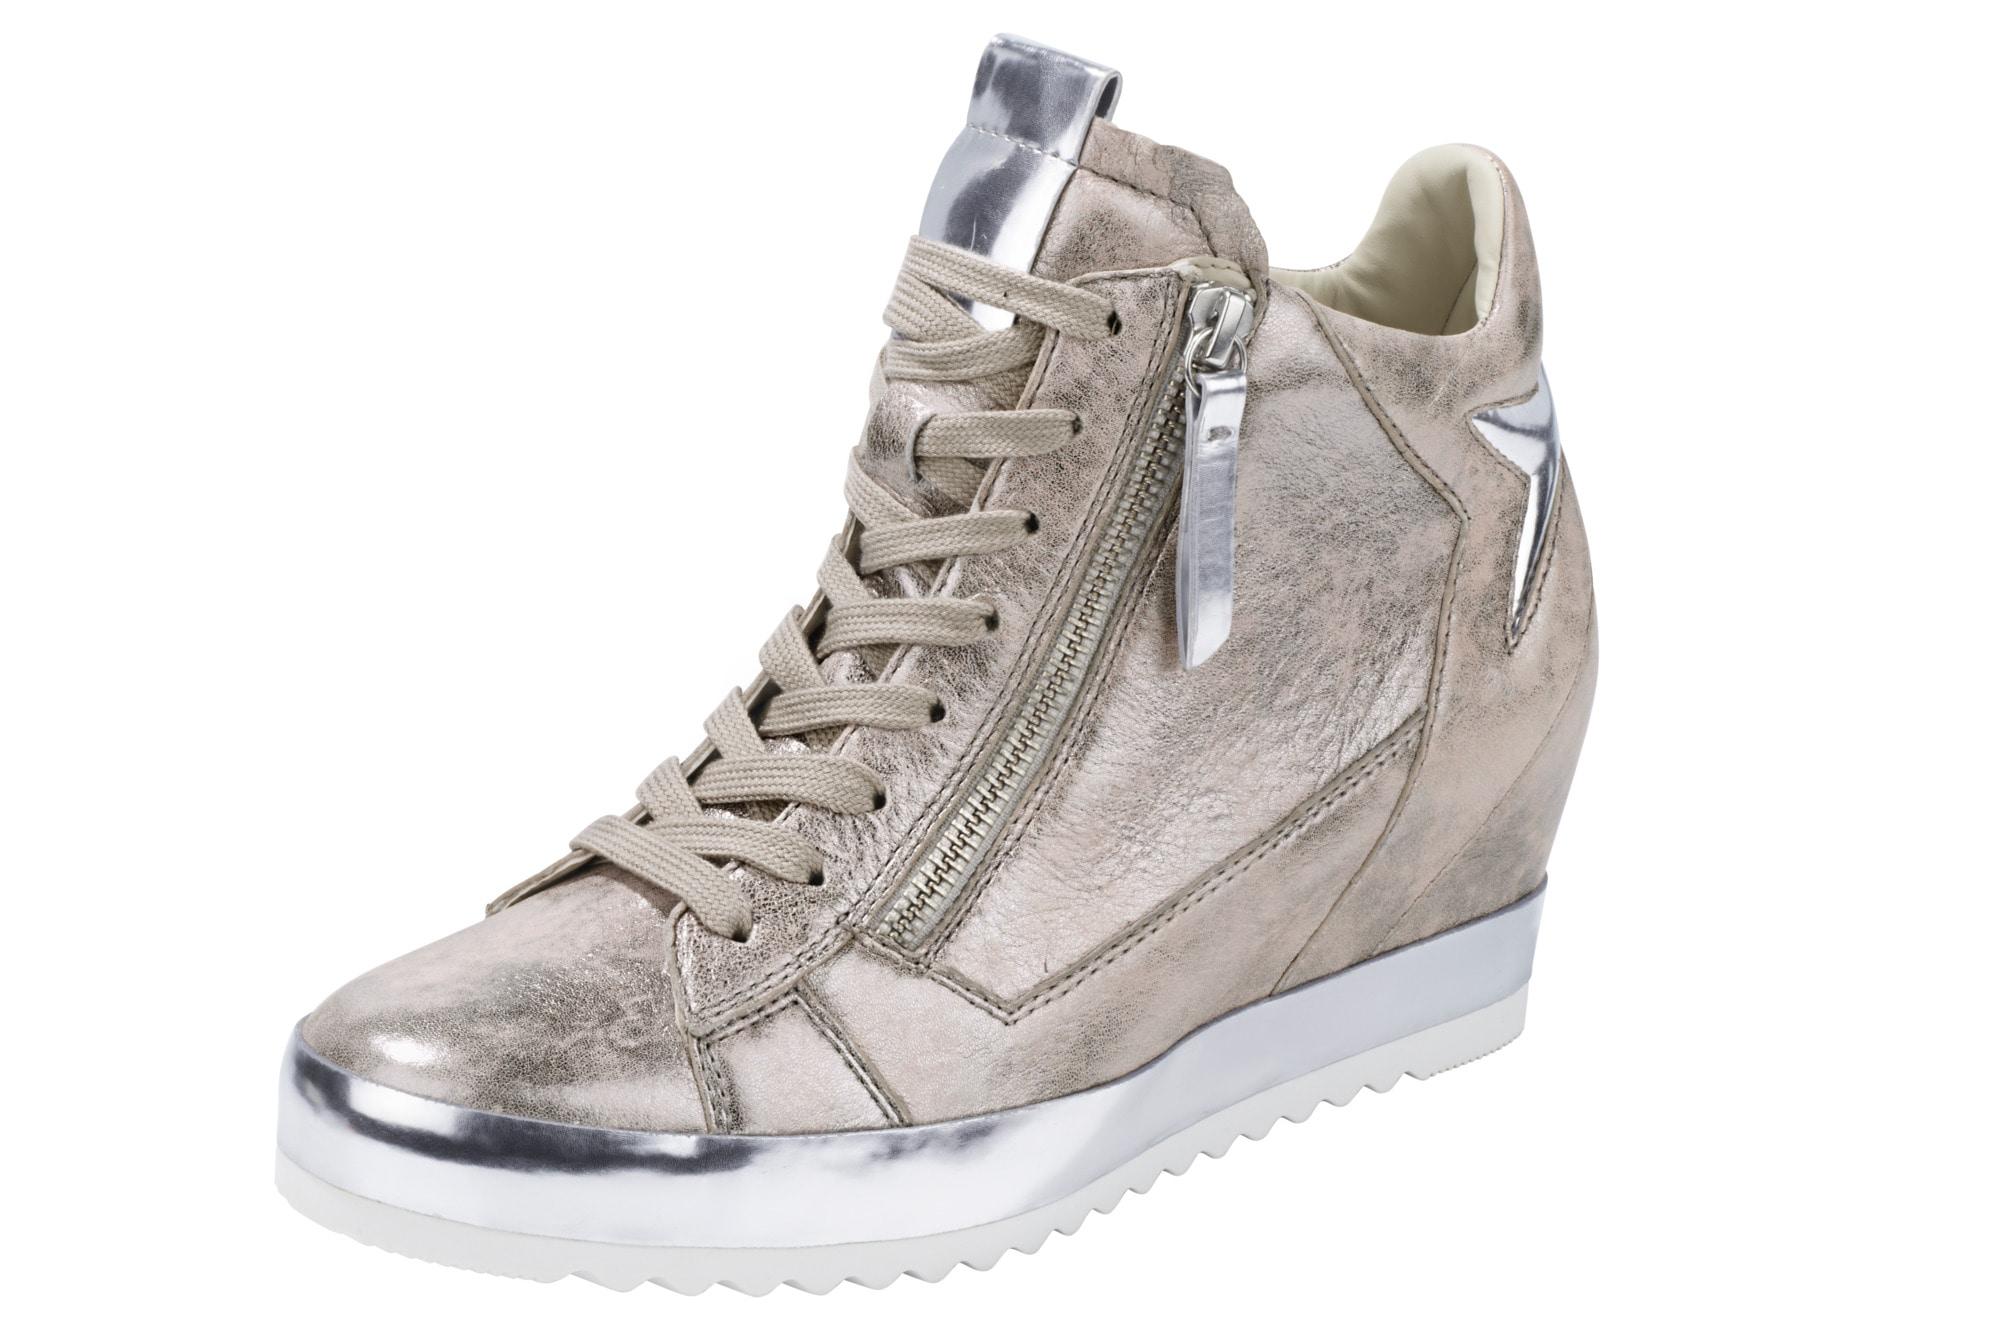 Gabor Comfort Keilsneaker  online bestellen | Gutes Preis-Leistungs-Verhältnis, es lohnt sich